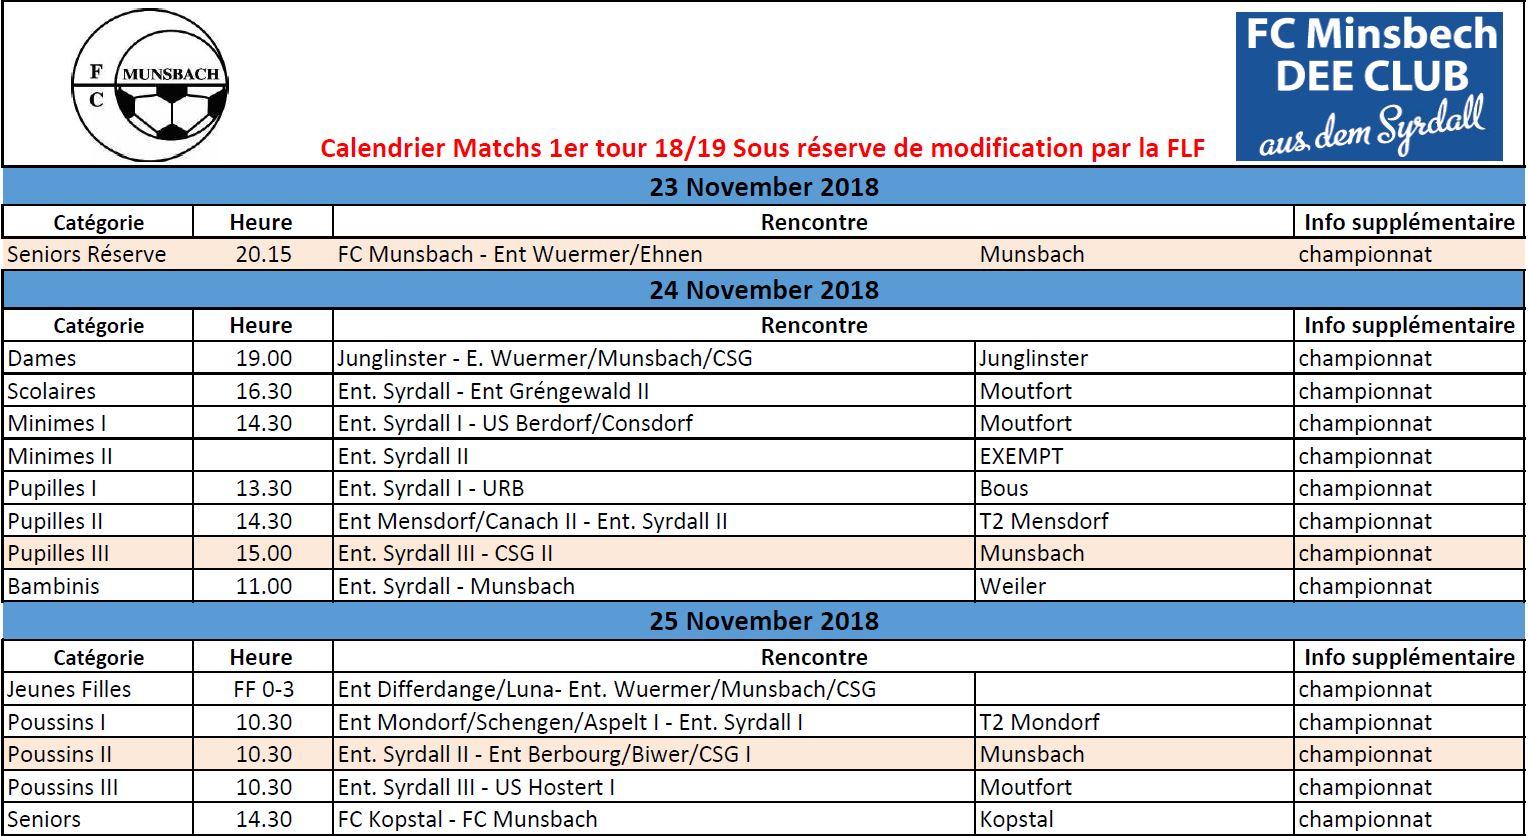 Match 23/11 - 25/11